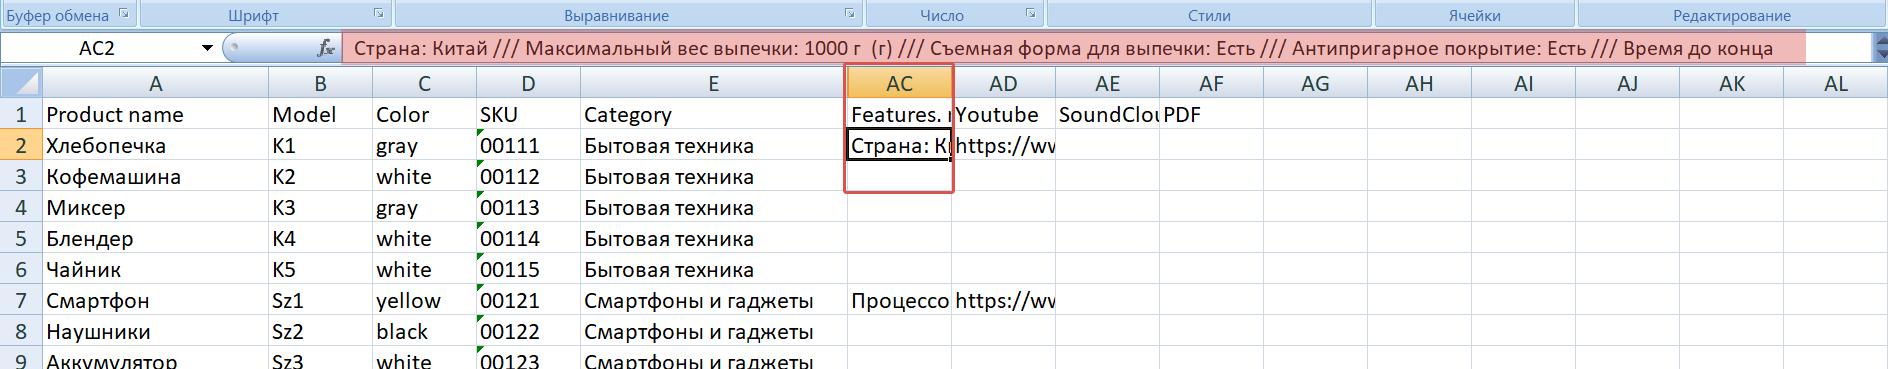 Добавление характеристики товара к списку товаров_Руководство по работе с каталогом